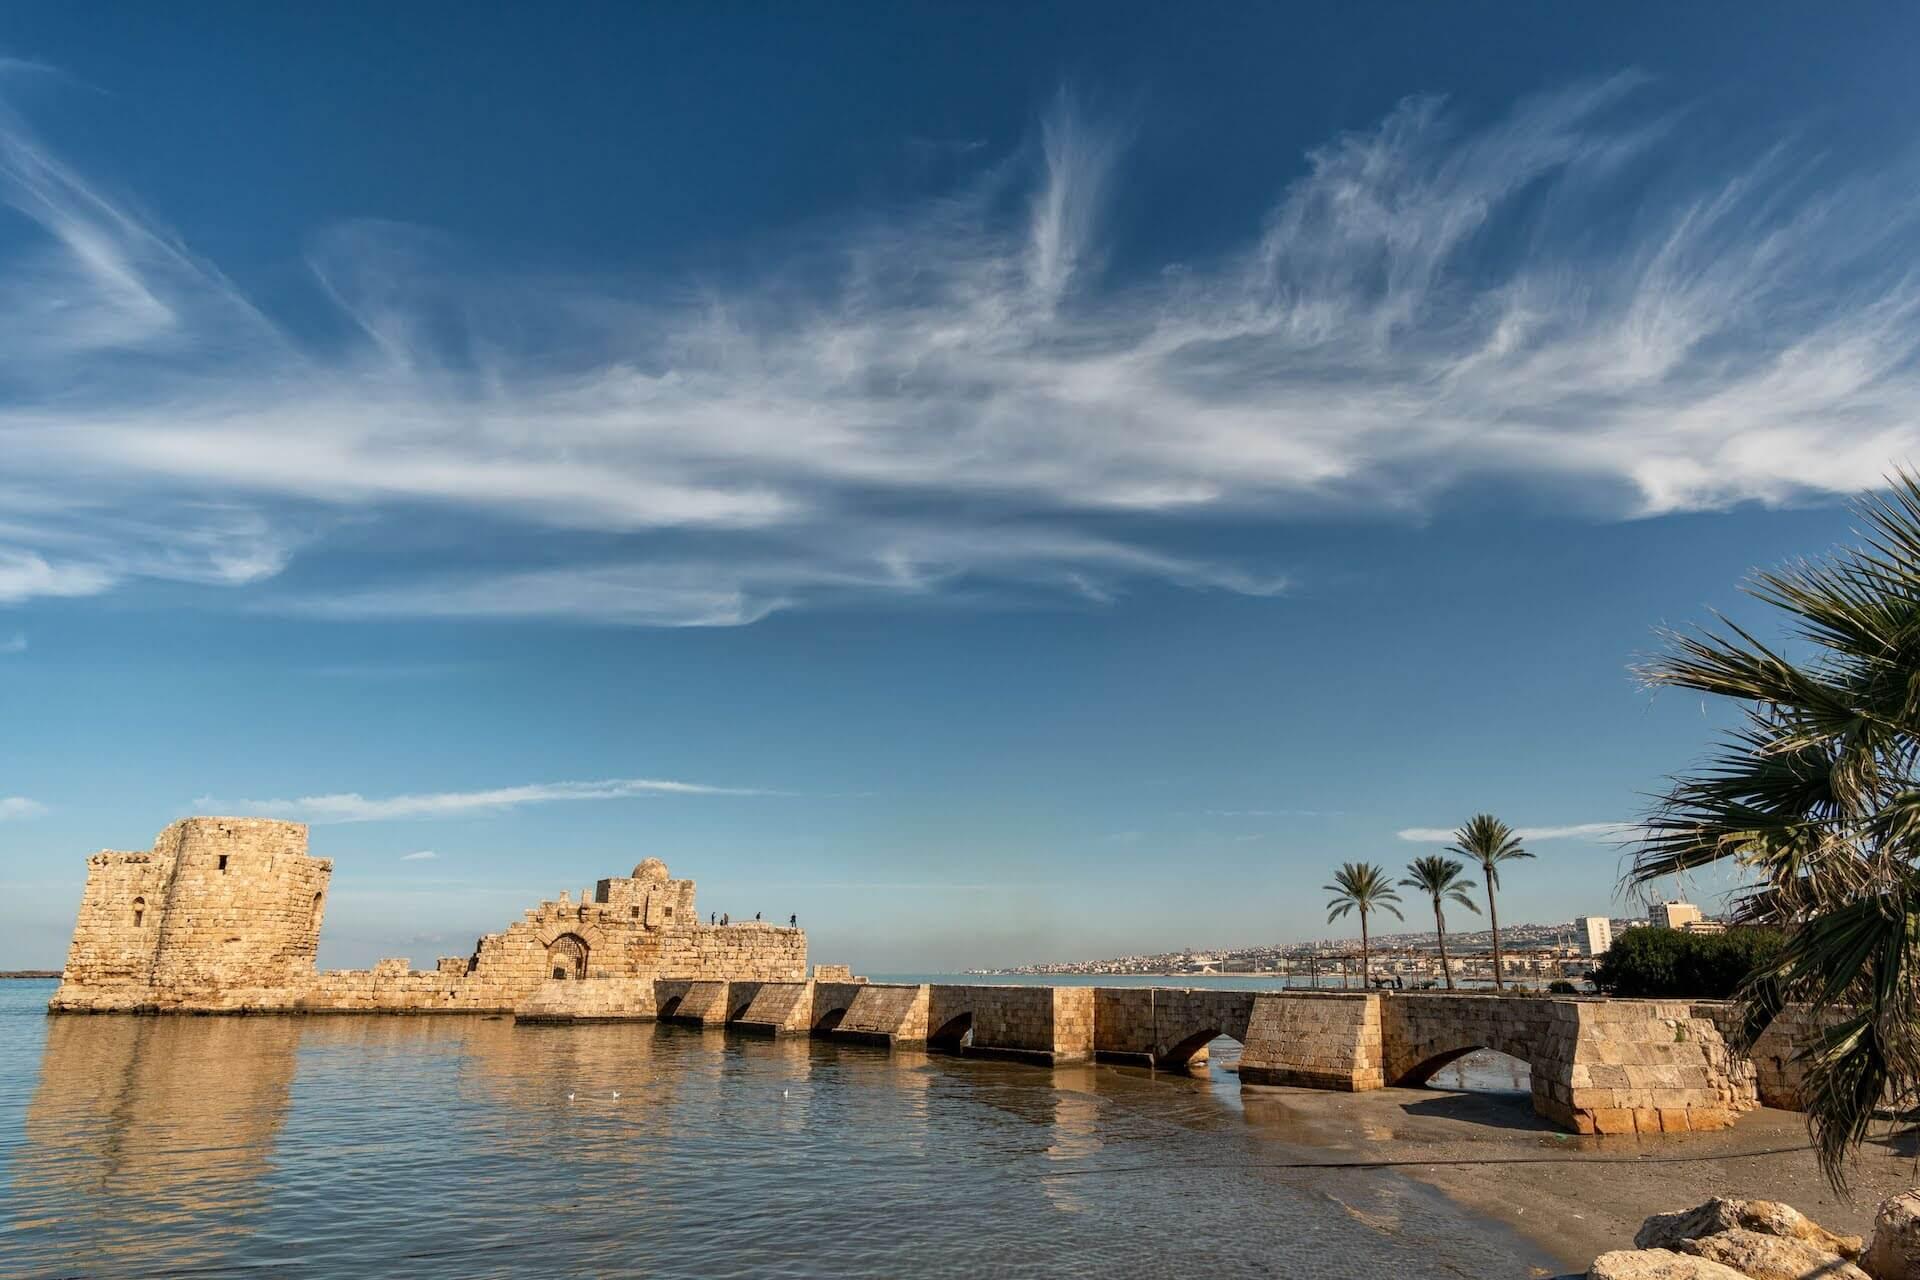 Het zeekasteel van Sidon in Libanon